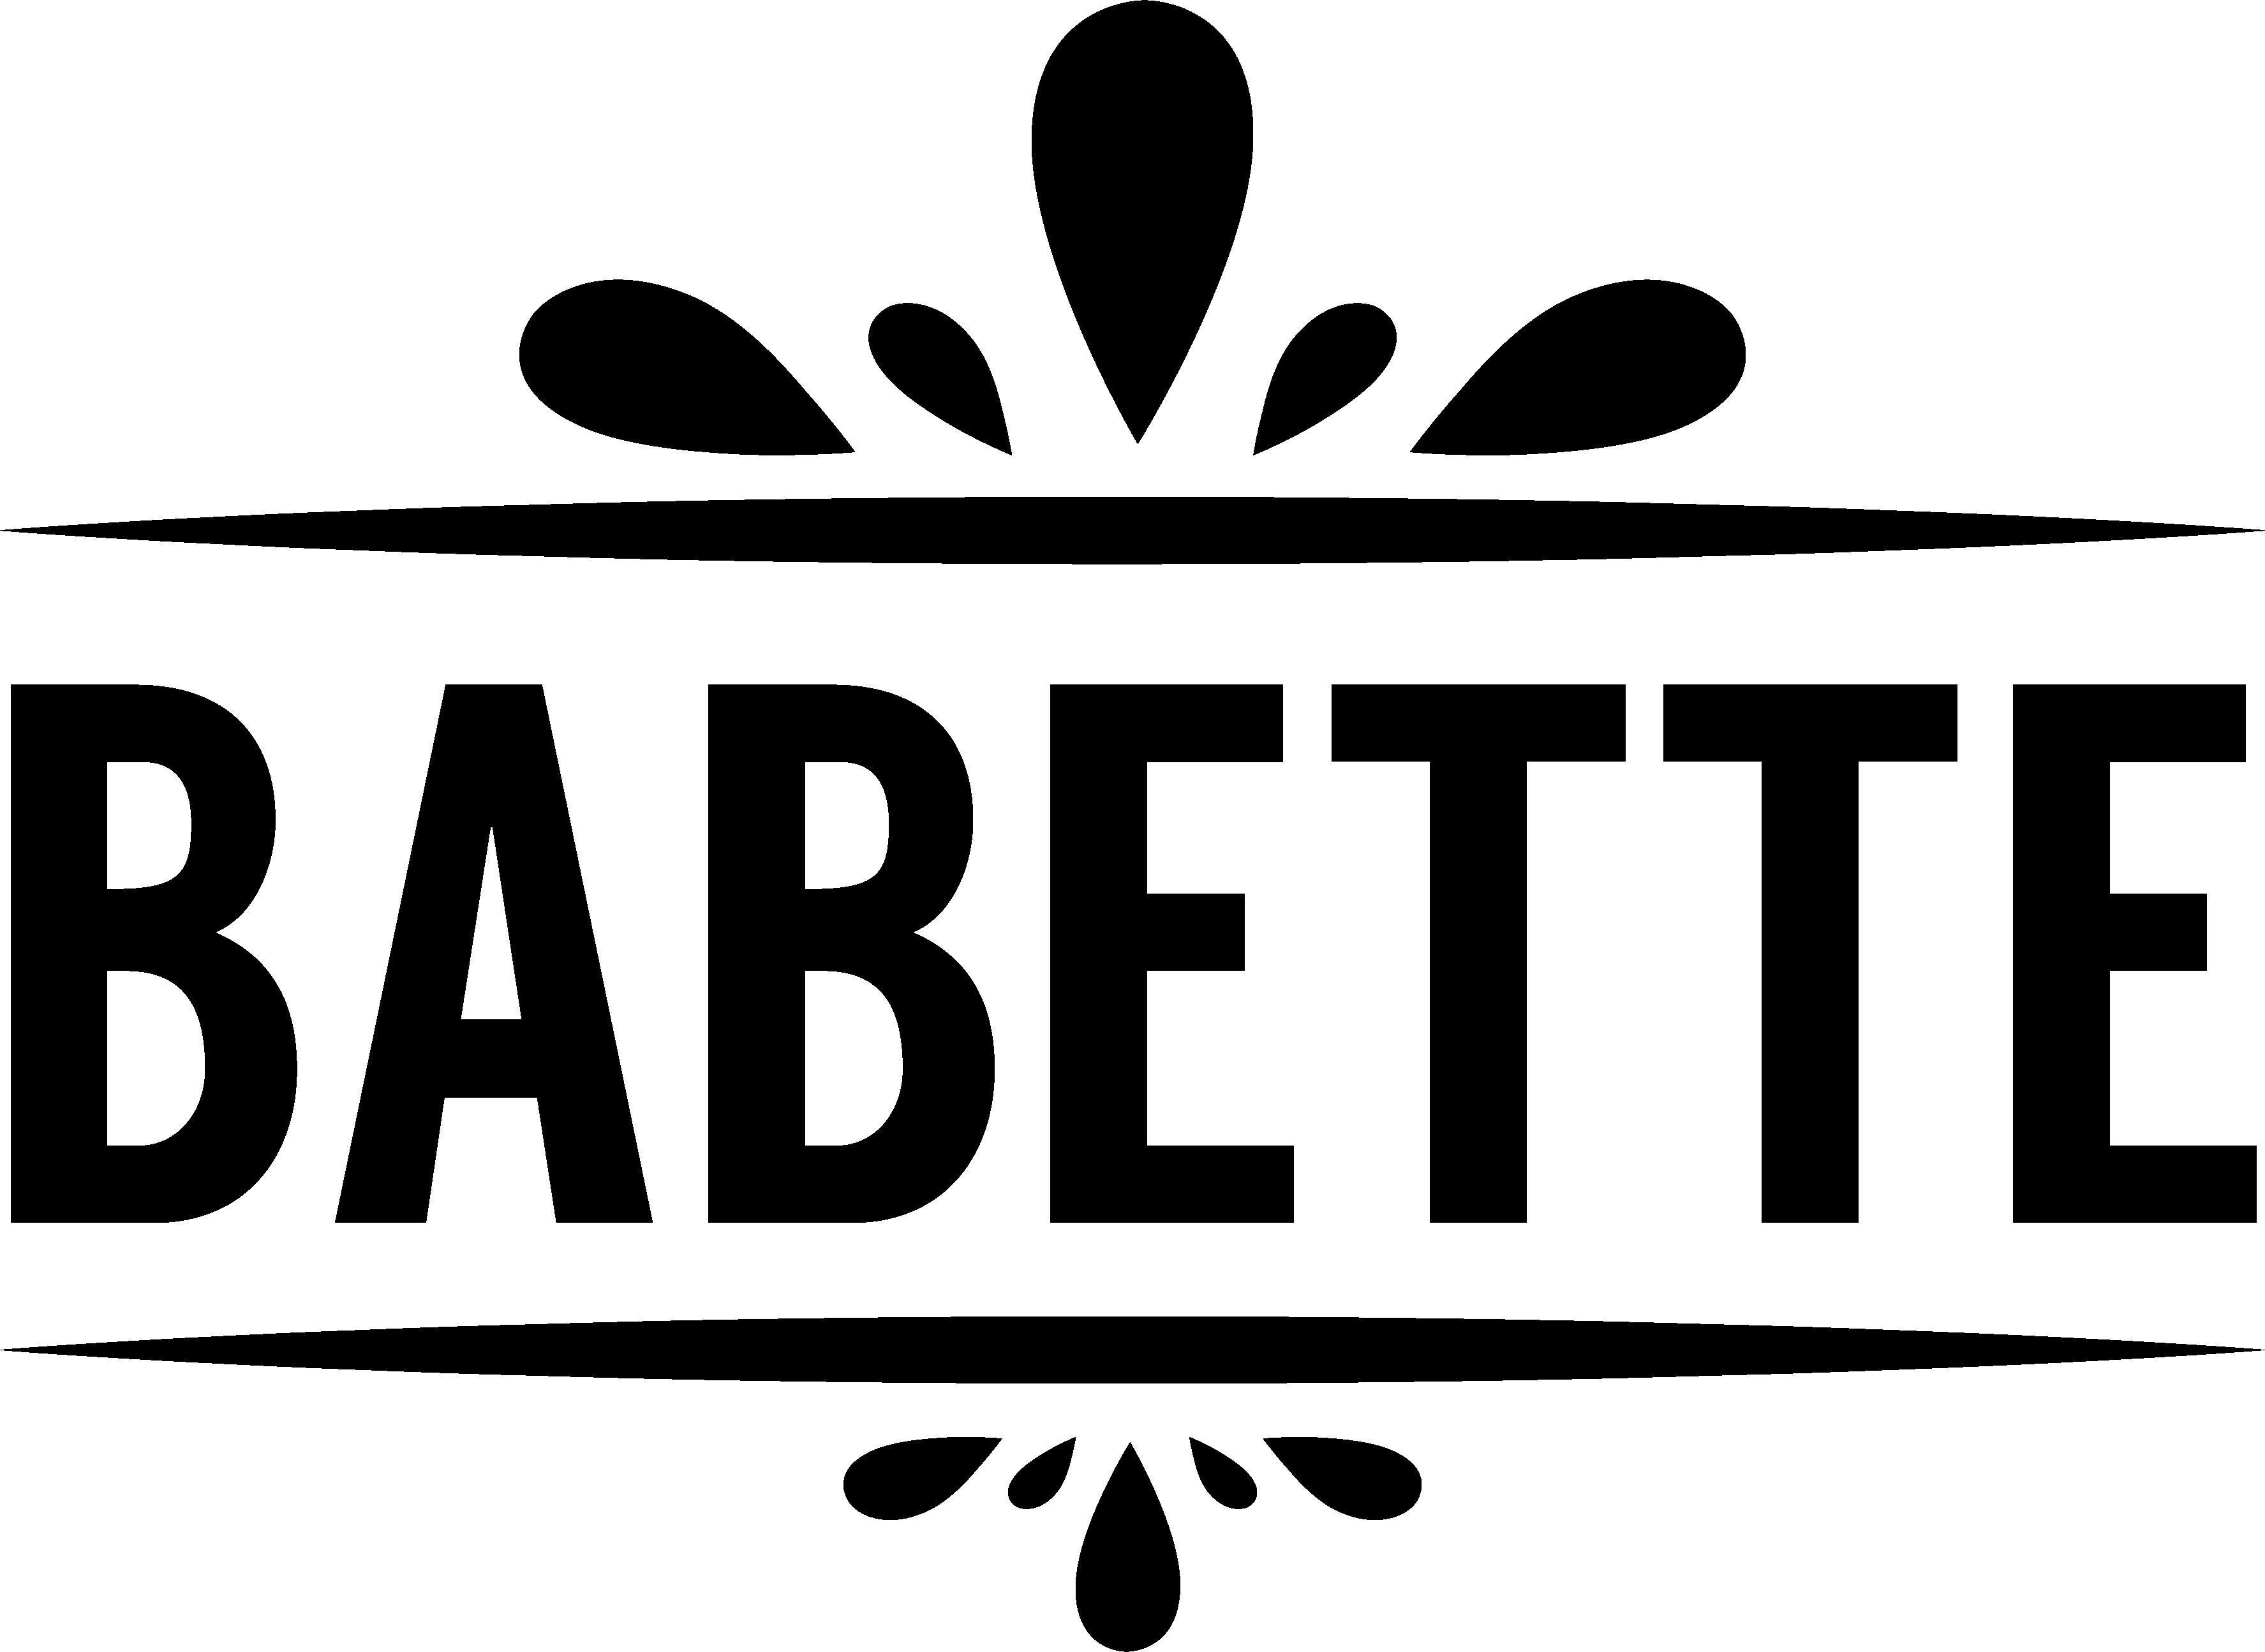 logo-babette